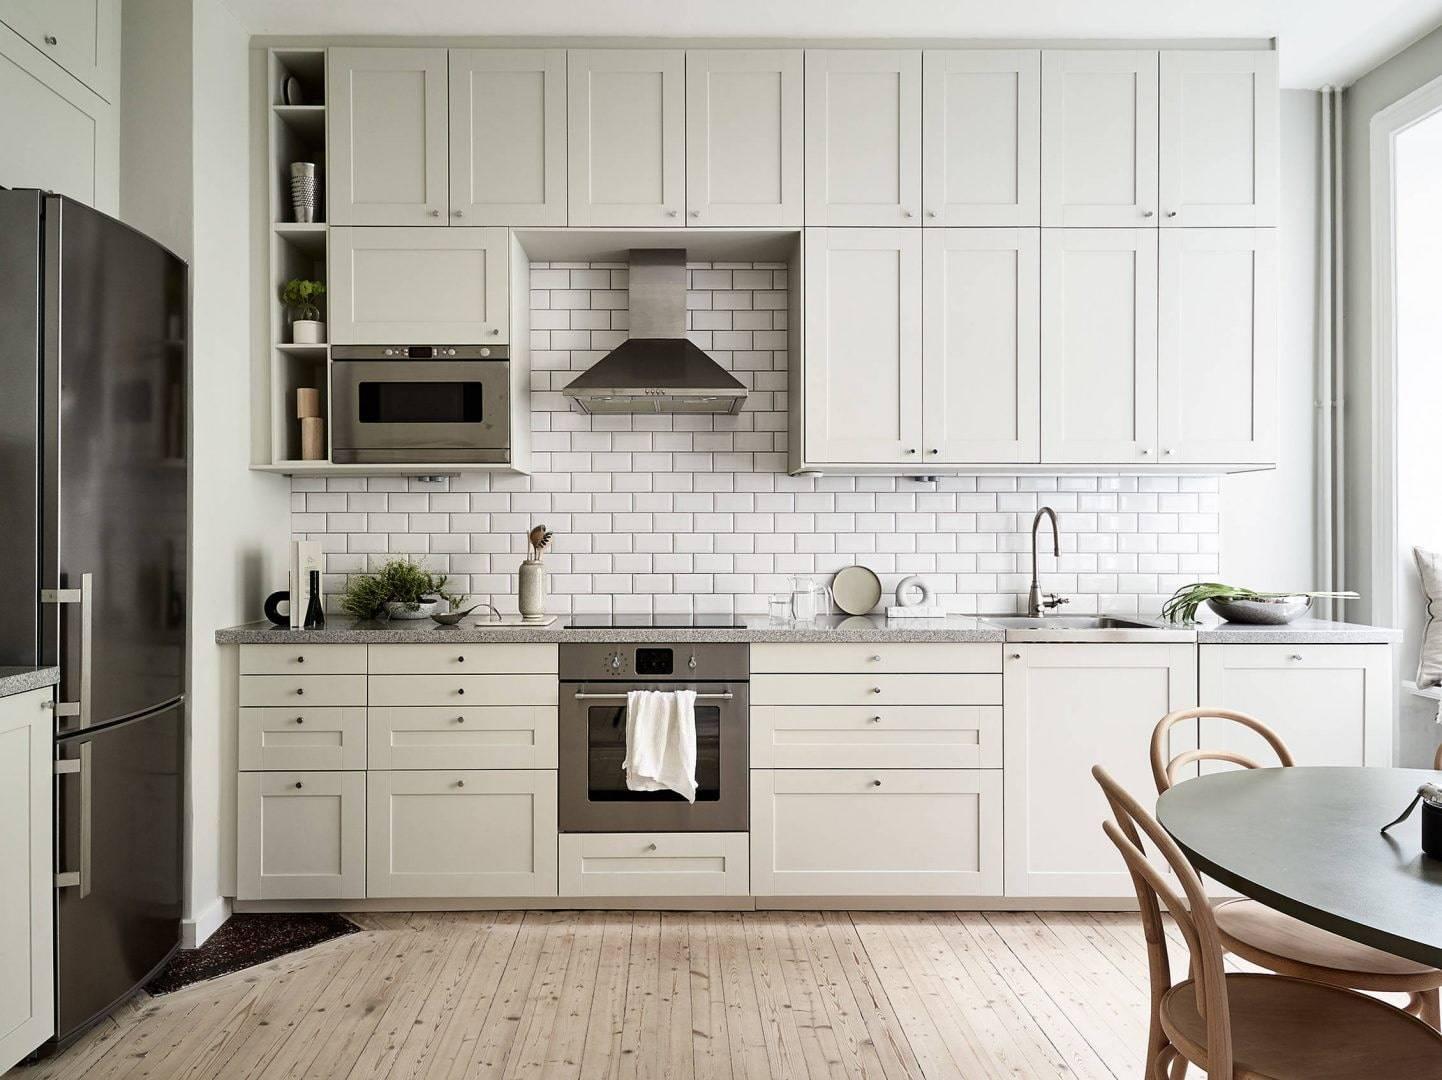 95 идей для дизайна кухни в скандинавском стиле